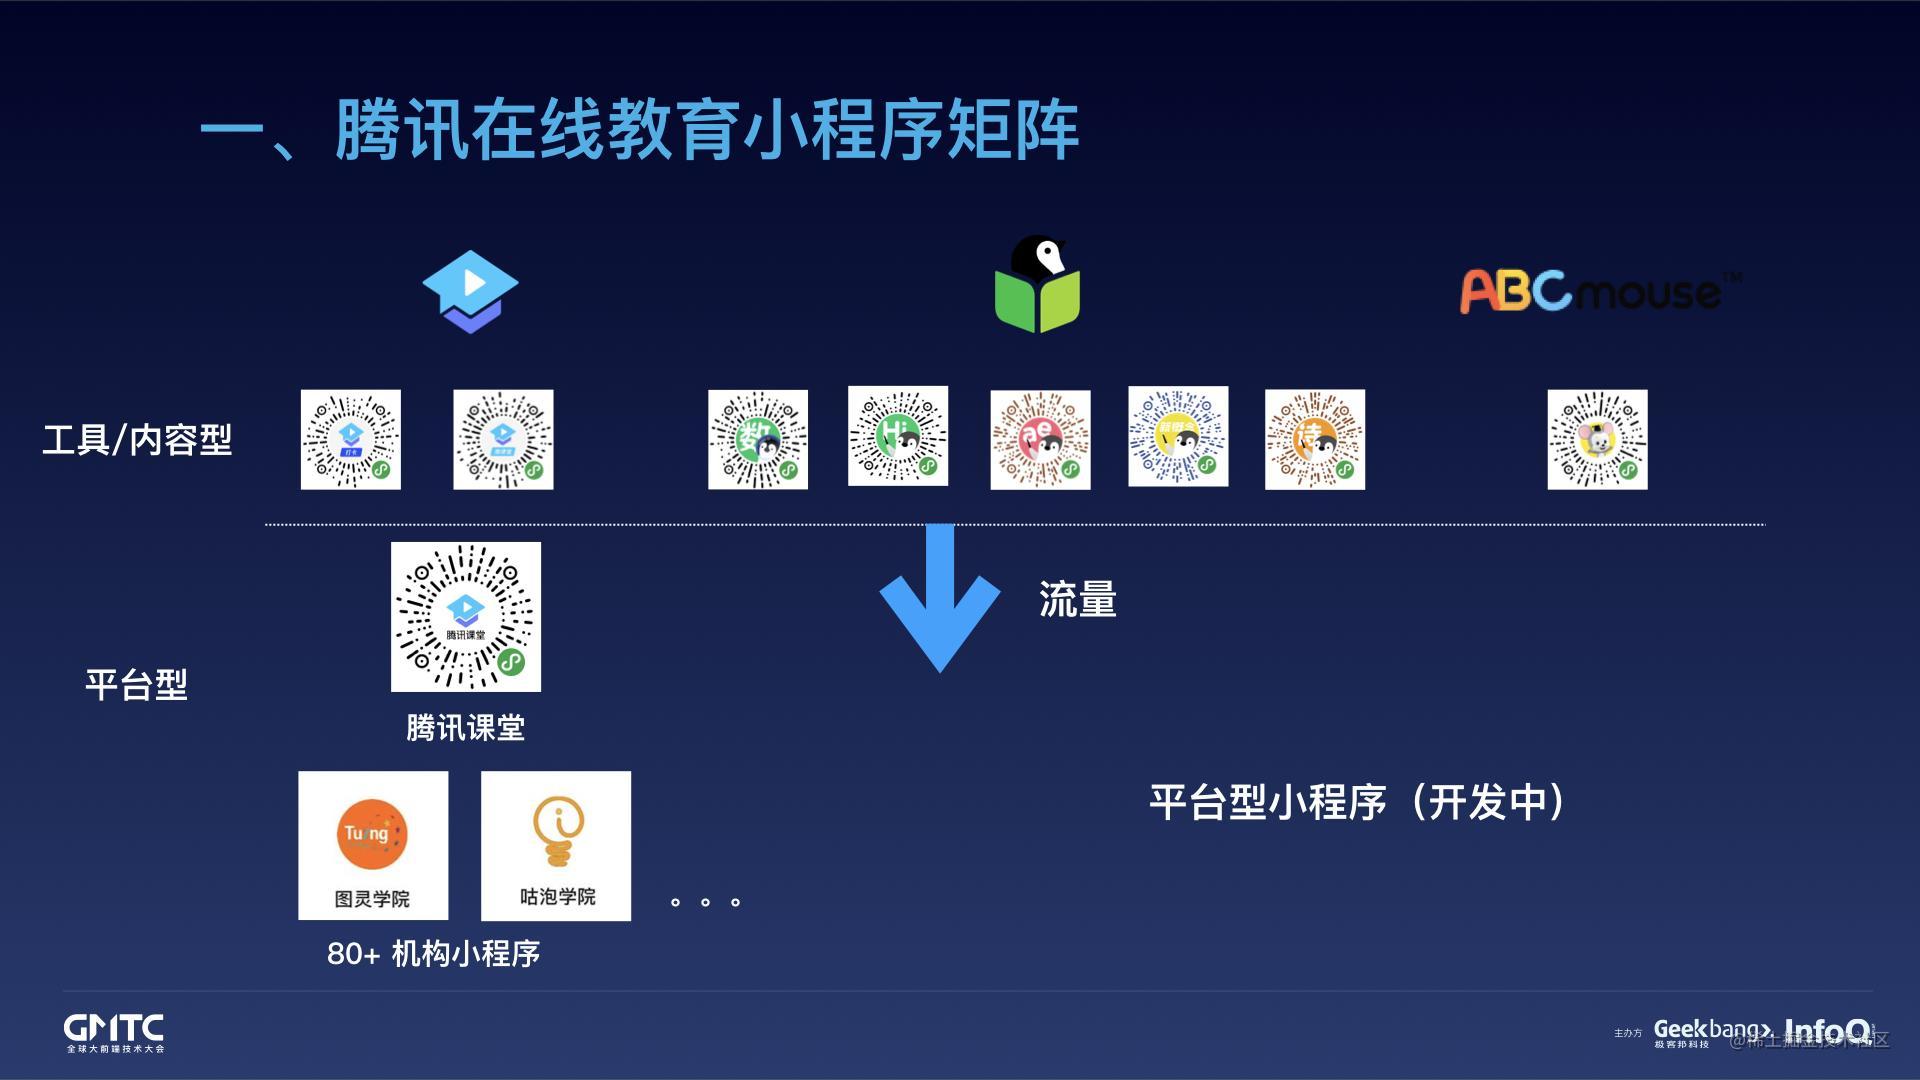 腾讯在线教育小程序开发实践之路.009.jpeg